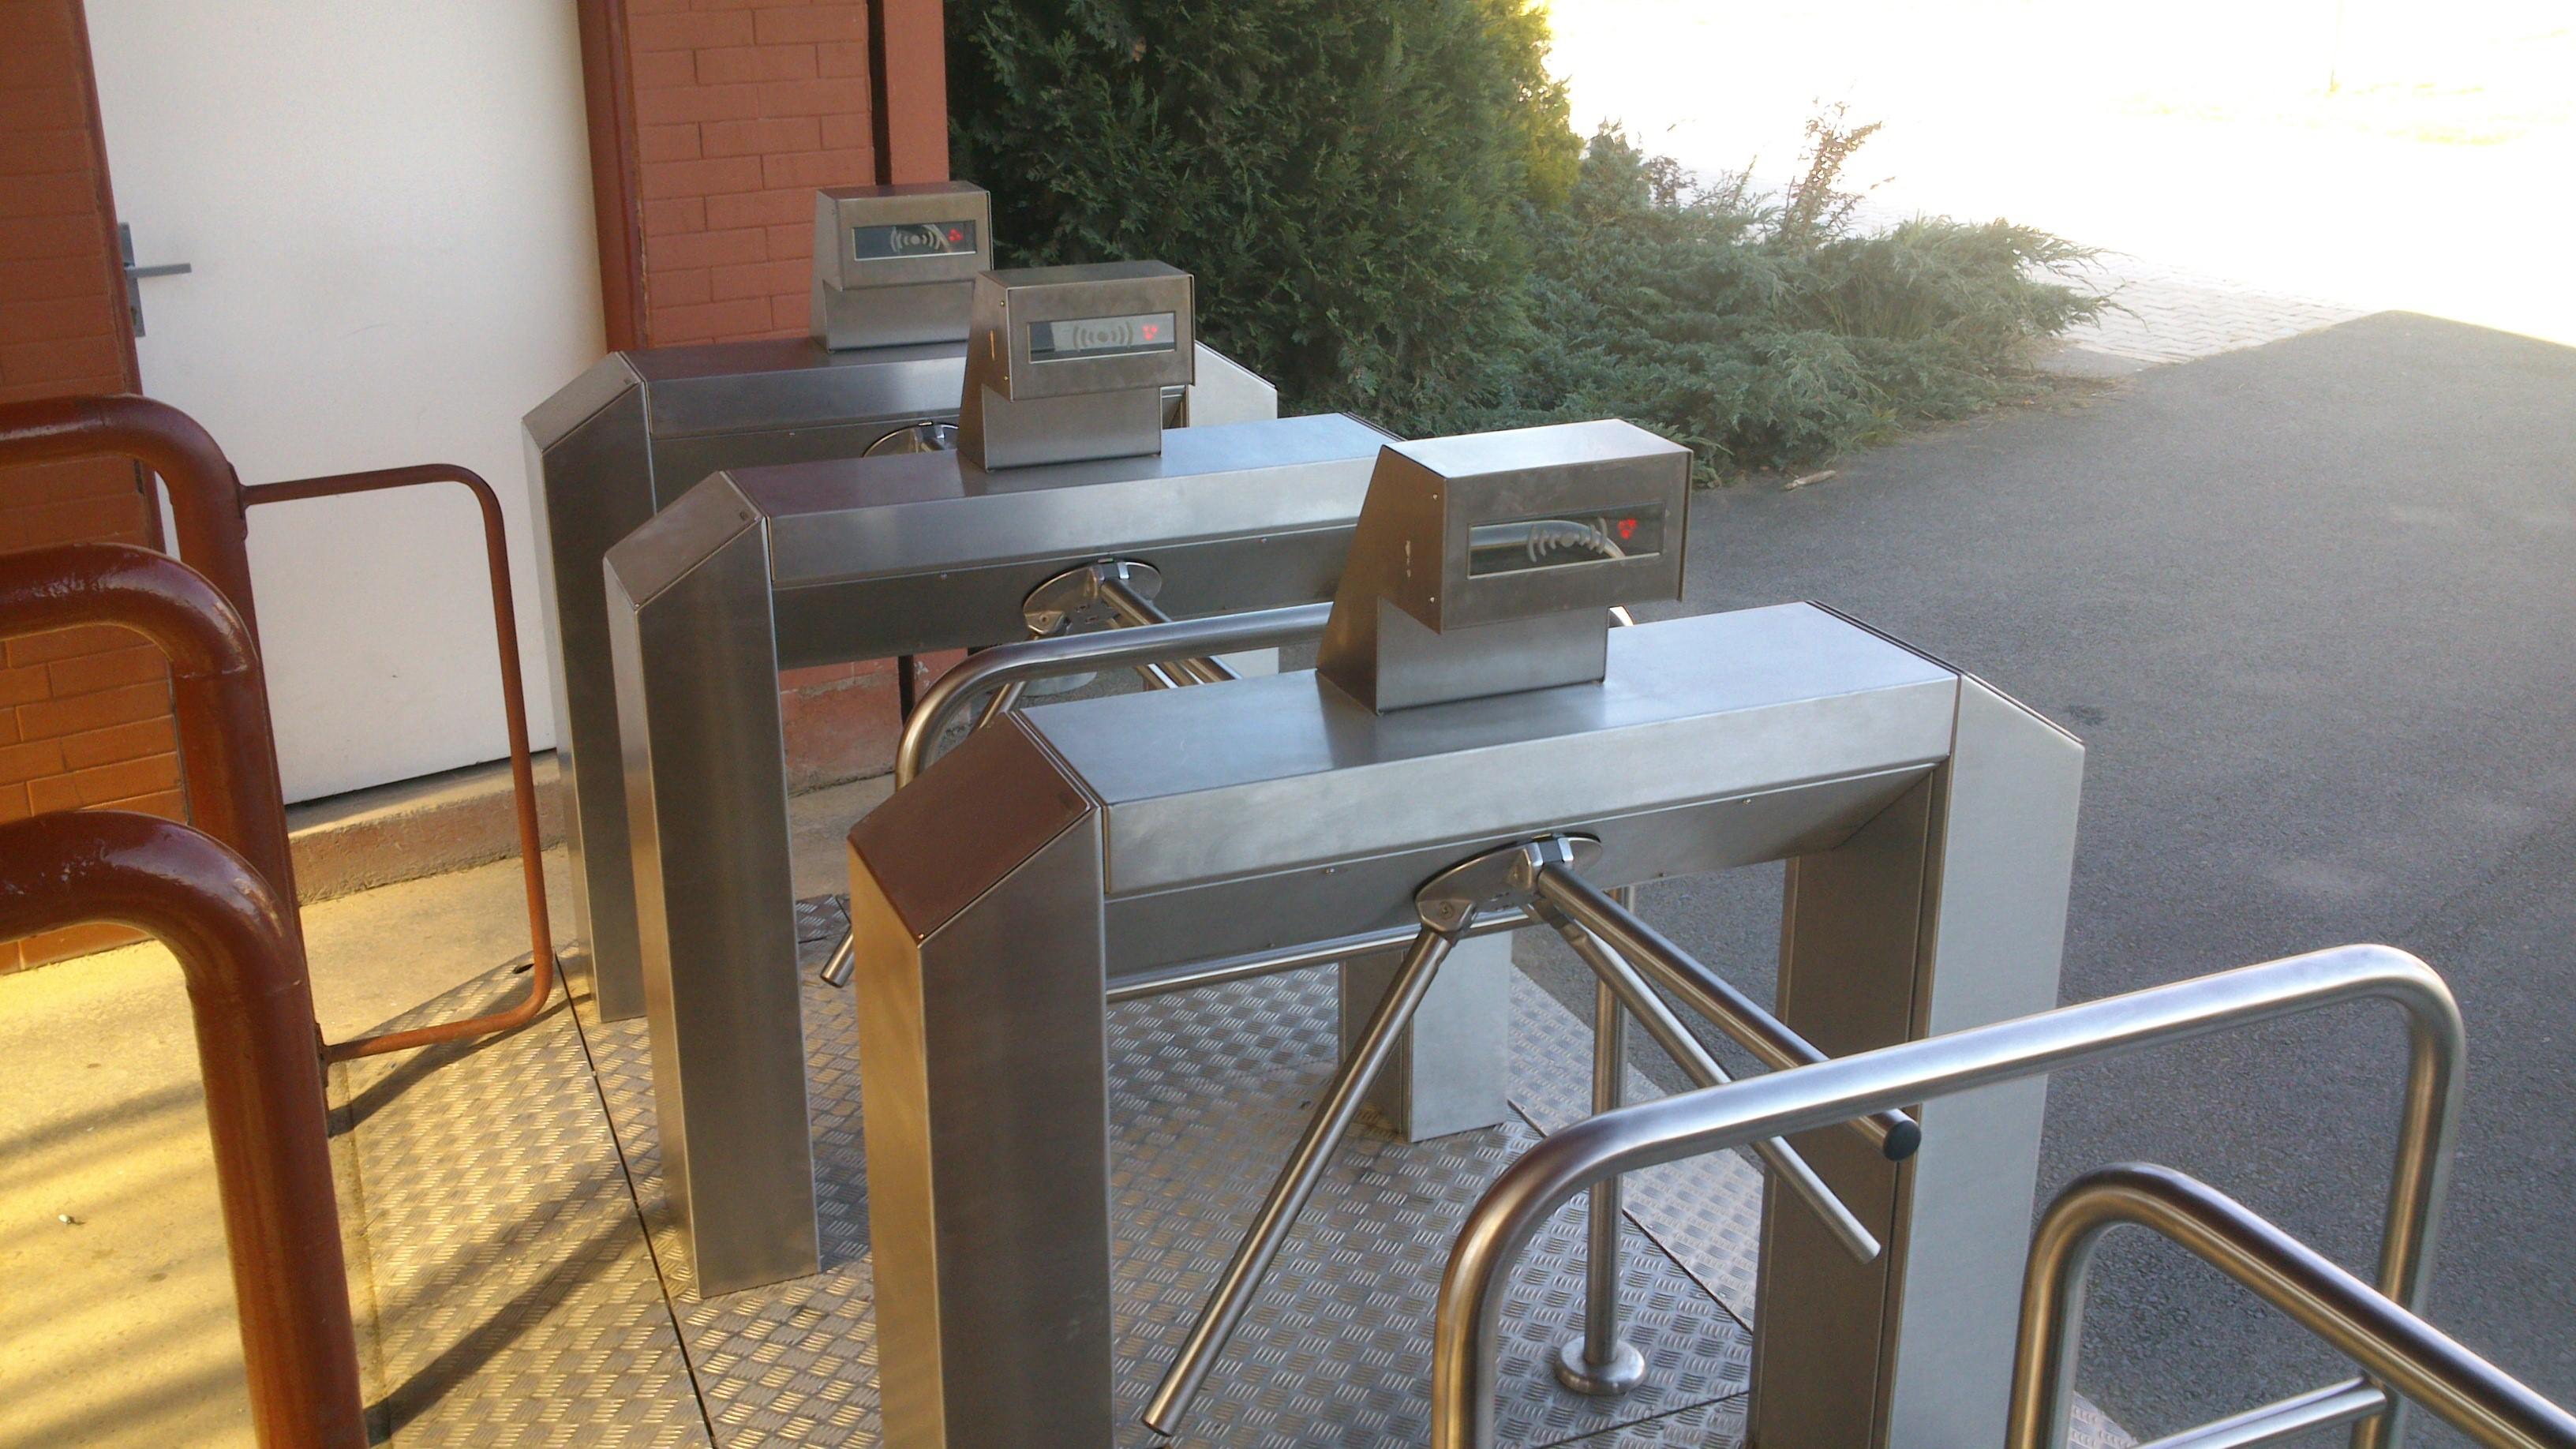 Identifikační a přístupové systémy Praha – přehled o pohybu osob v objektech